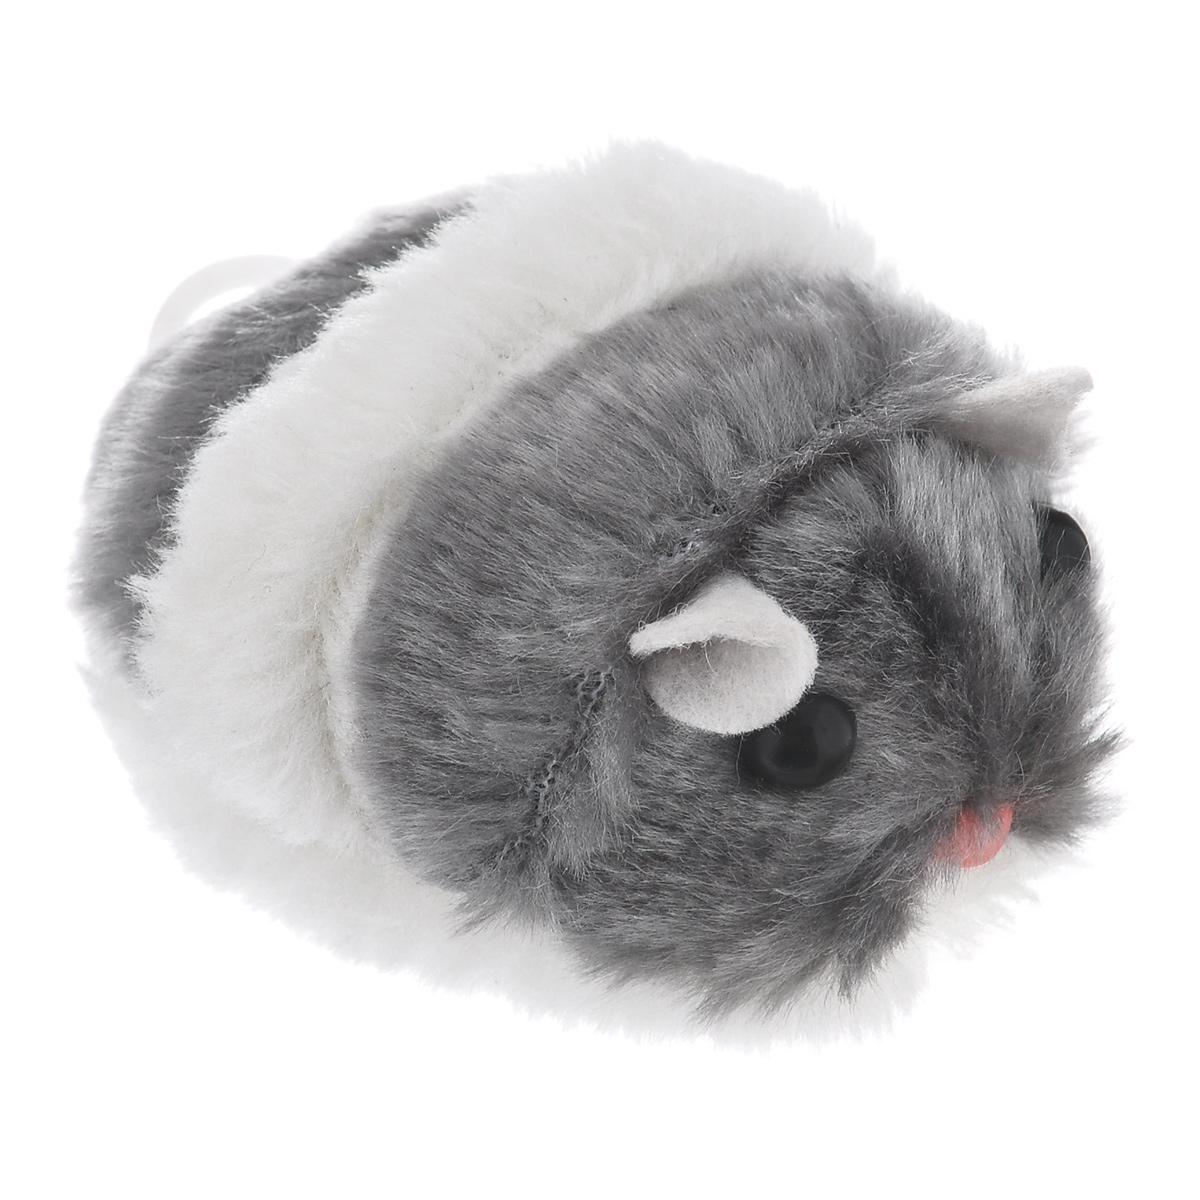 Игрушка для кошек Beeztees Хомячок вибрирующий, цвет: белый, серый0120710Игрушка для кошек I.P.T.S. Хомячок вибрирующий, изготовленная из пластика и текстиля, привлечет внимание вашей кошки. Изделие оснащено заводным механизмом. Игрушка не требует батареек, просто вытащите веревку механизма до упора и хомячок начнет двигаться. Такая игрушка не навредит здоровью вашего питомца и увлечет его на долгое время.